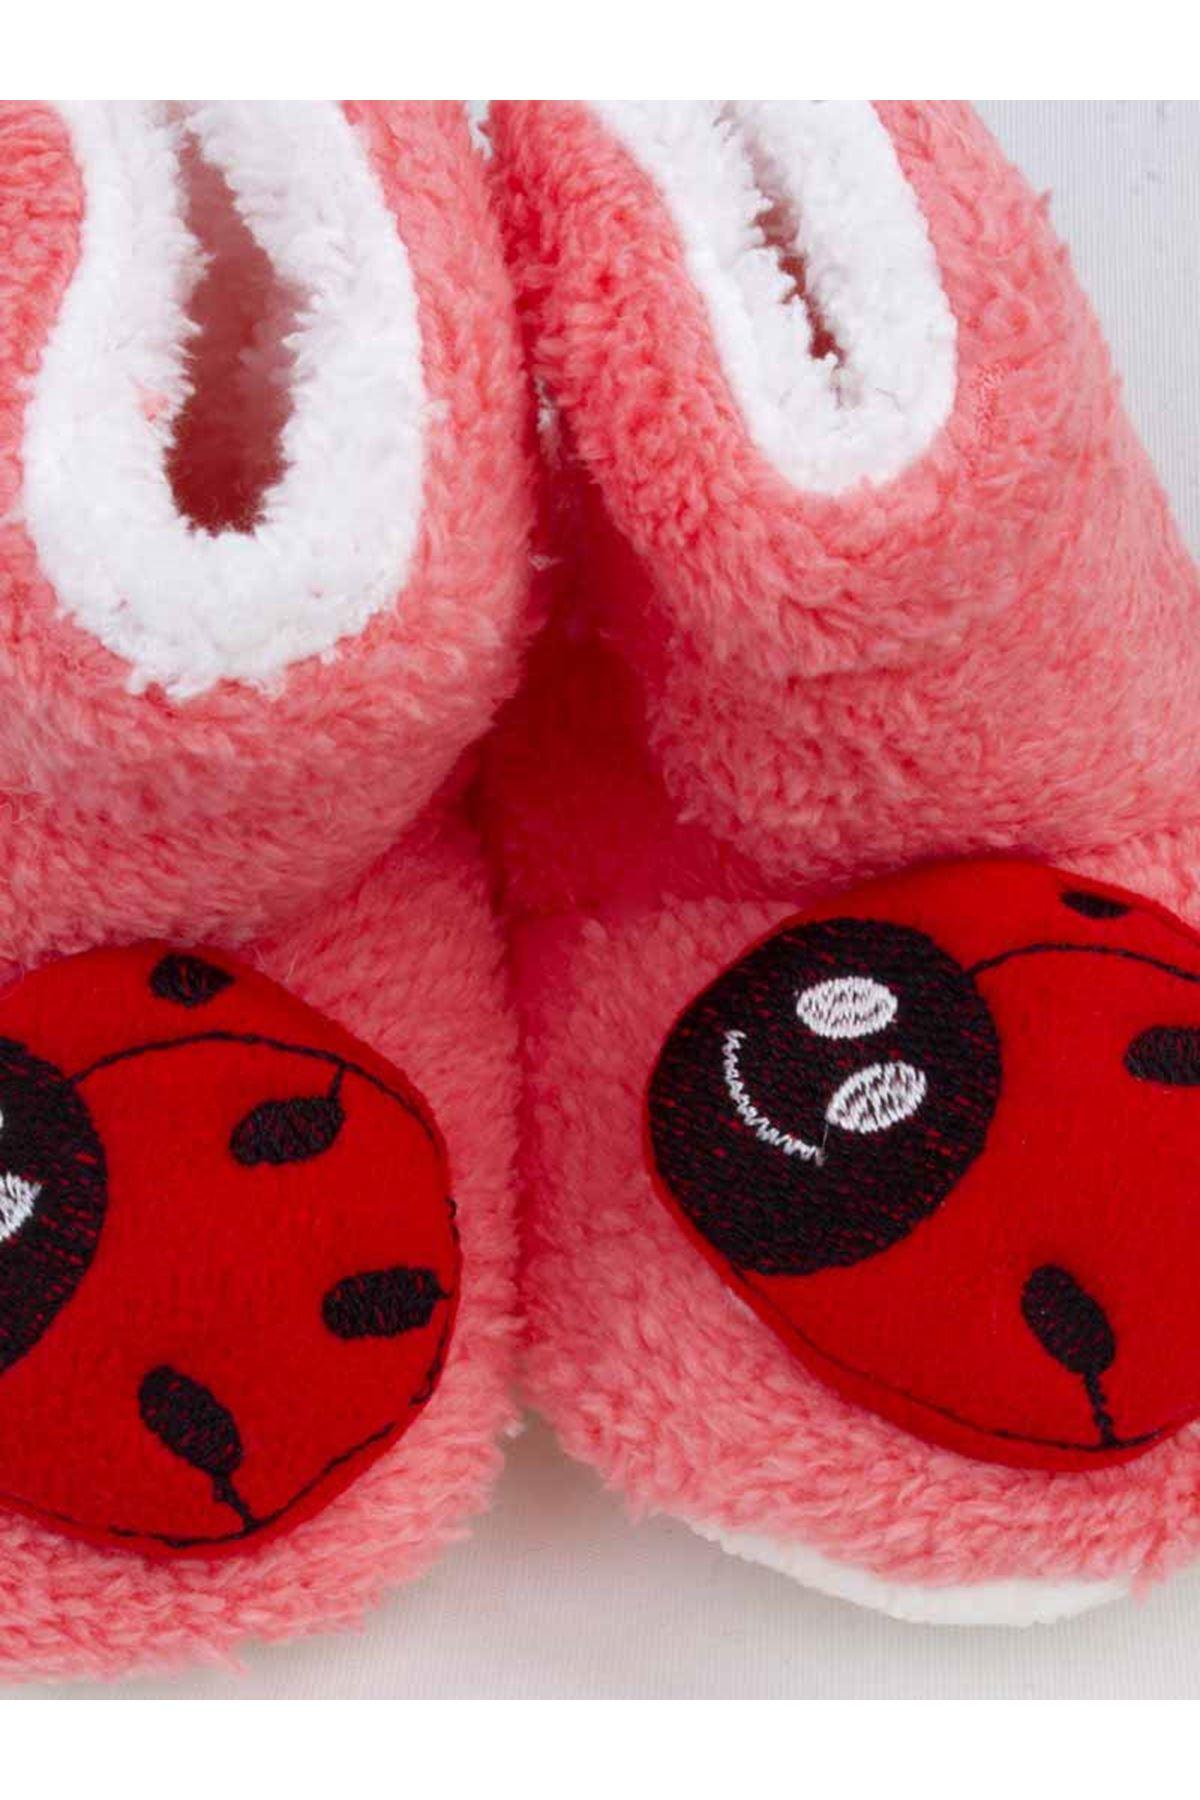 Narçiçeği Uğur Böceği Figürlü Kız Bebek Welsoft Panduf